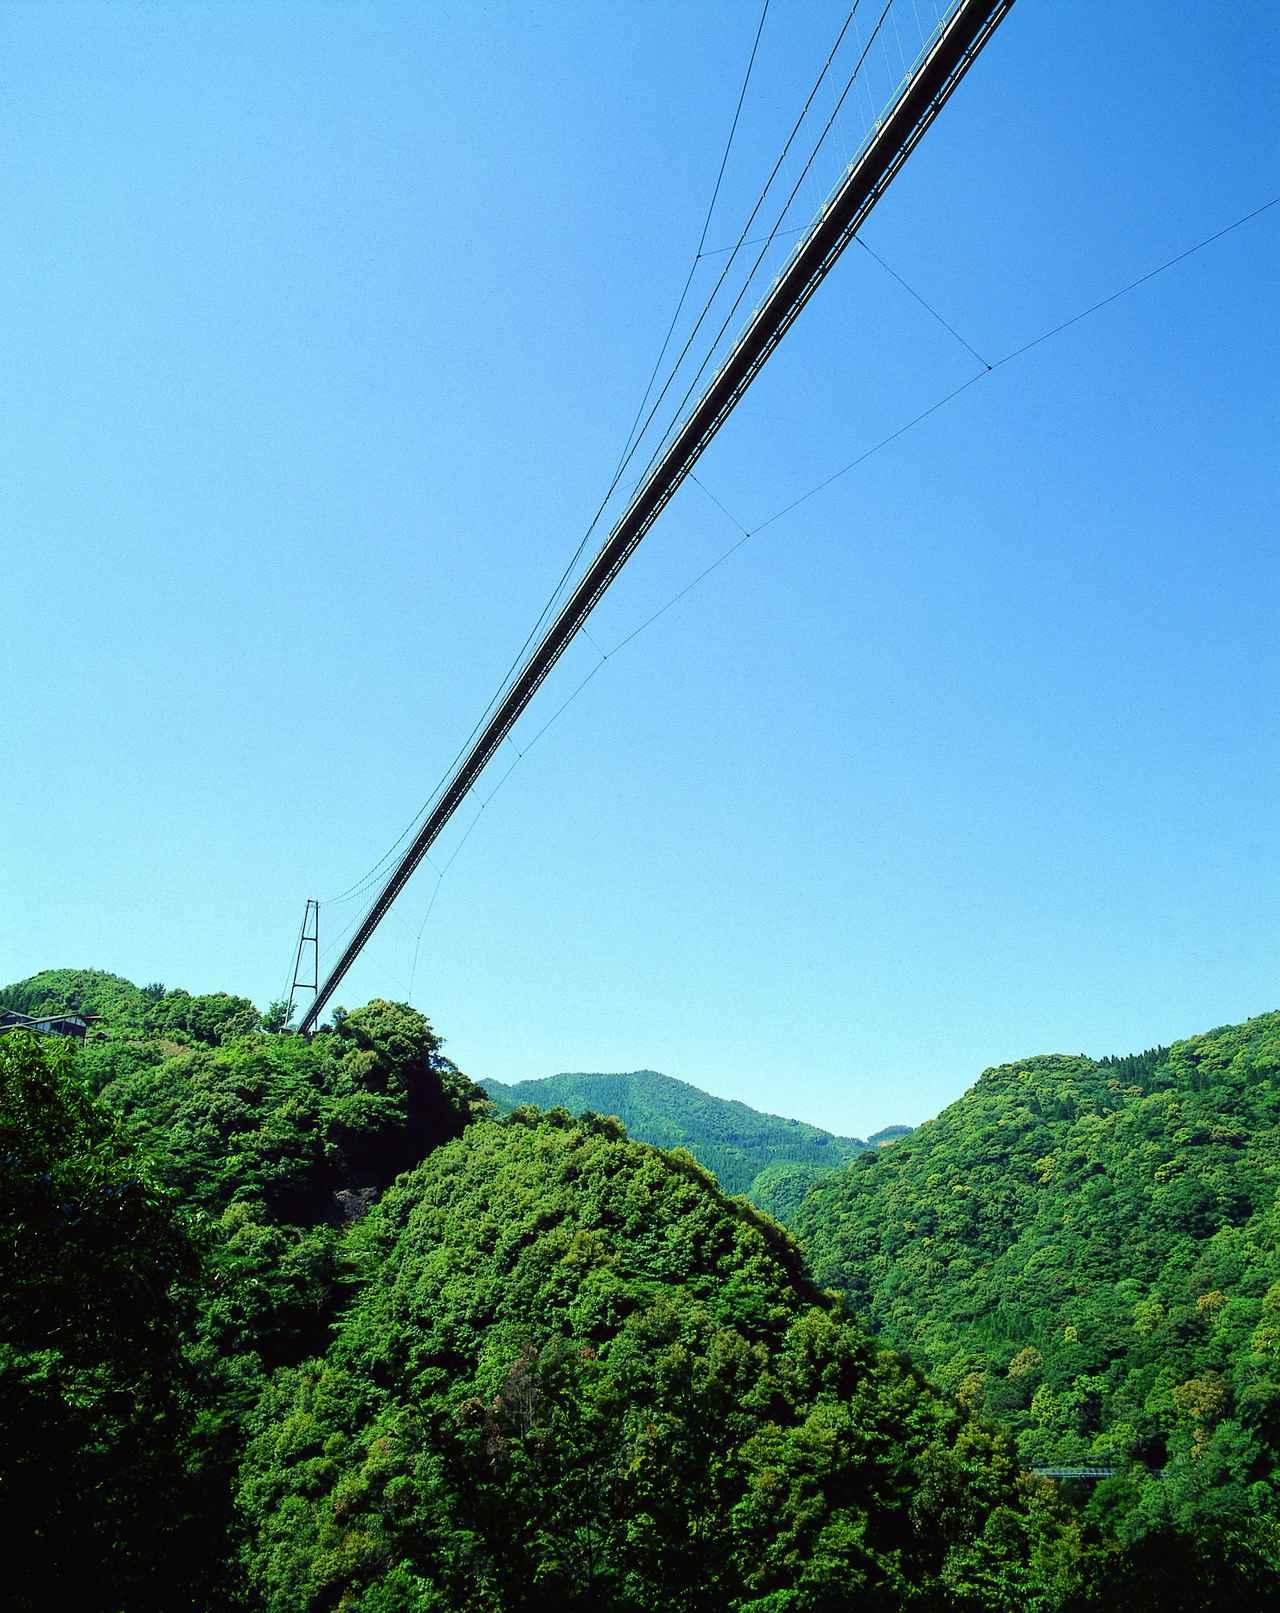 画像1: 【休日】ユネスコエコパーク認定の綾の照葉樹林を渡る|照葉大吊橋(綾町)